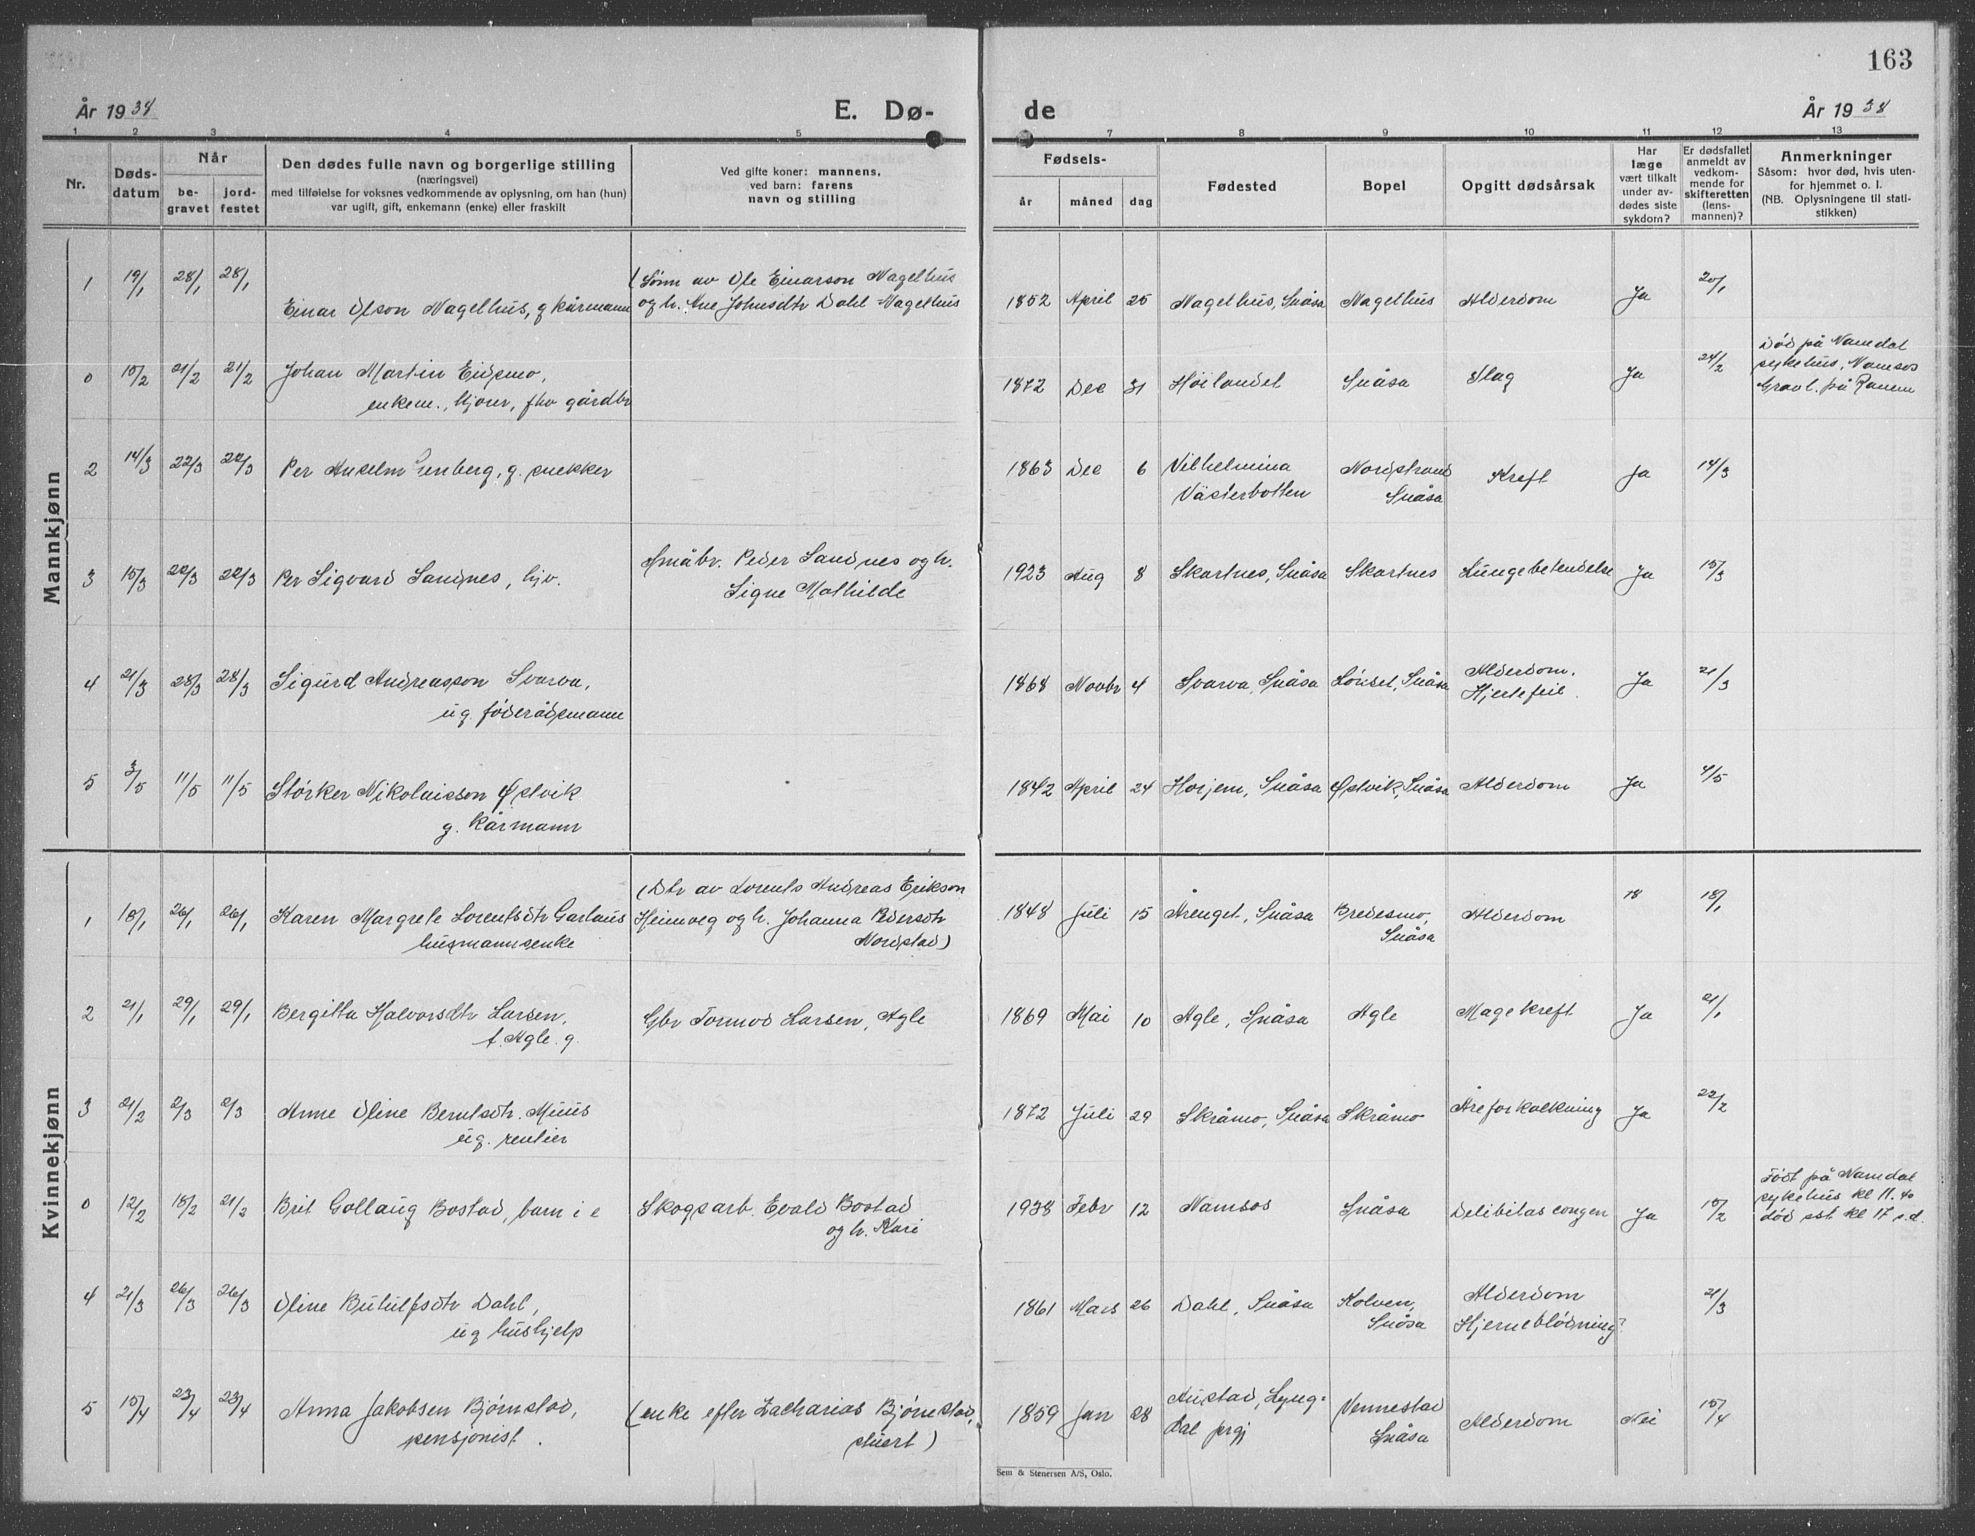 SAT, Ministerialprotokoller, klokkerbøker og fødselsregistre - Nord-Trøndelag, 749/L0481: Klokkerbok nr. 749C03, 1933-1945, s. 163